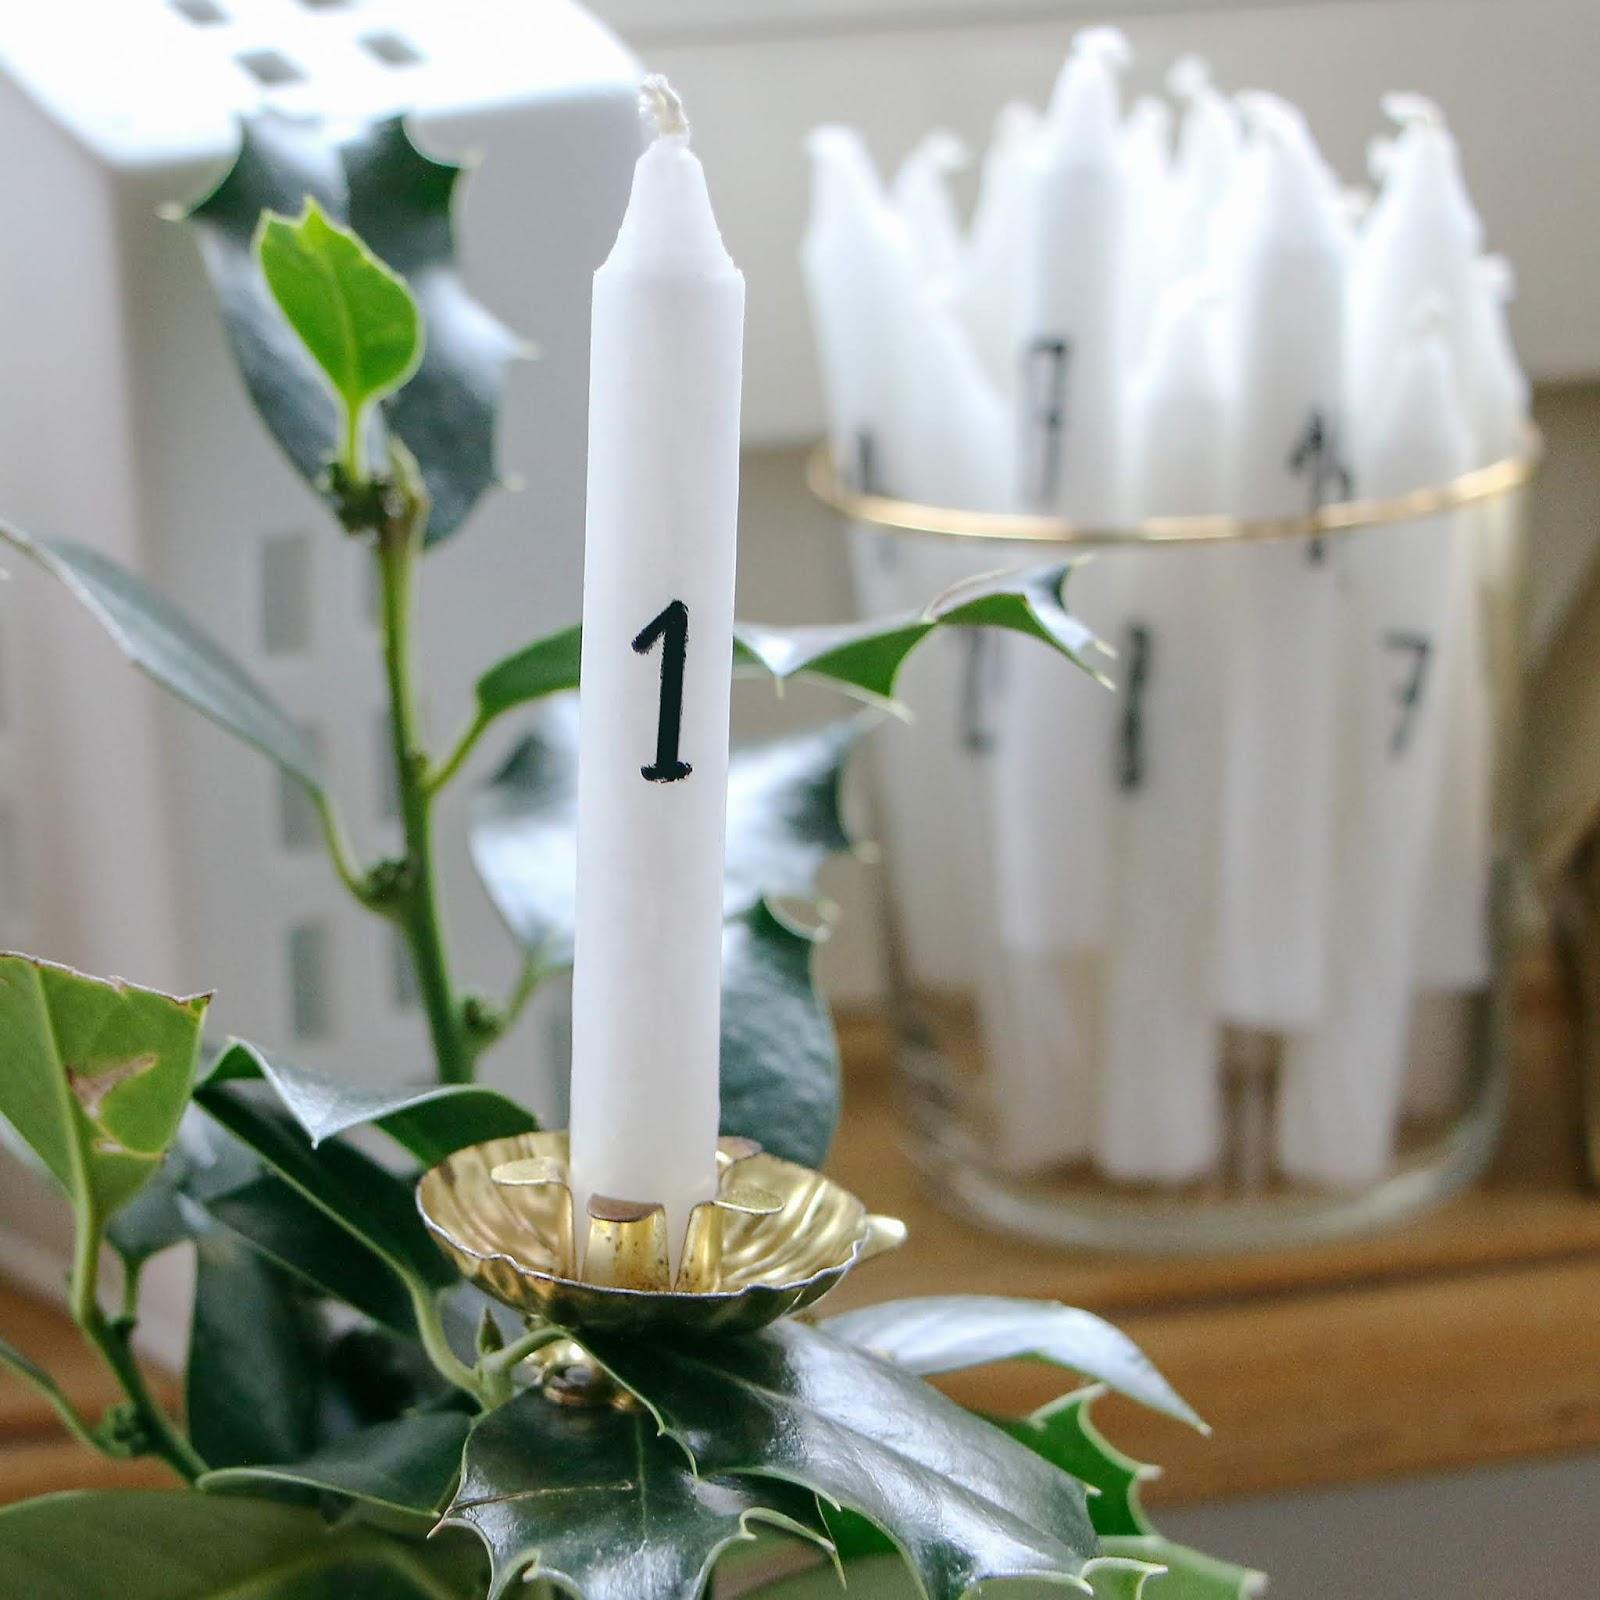 Adventskalender Bastel-Idee von LeLo www.machetwas.blogspot.com für Ungeduldige. 24 kleine weisse Baumkerzen mit wasserfestem Filzstift anschreiben und in einen alten goldenen Kerzenhalter stecken.